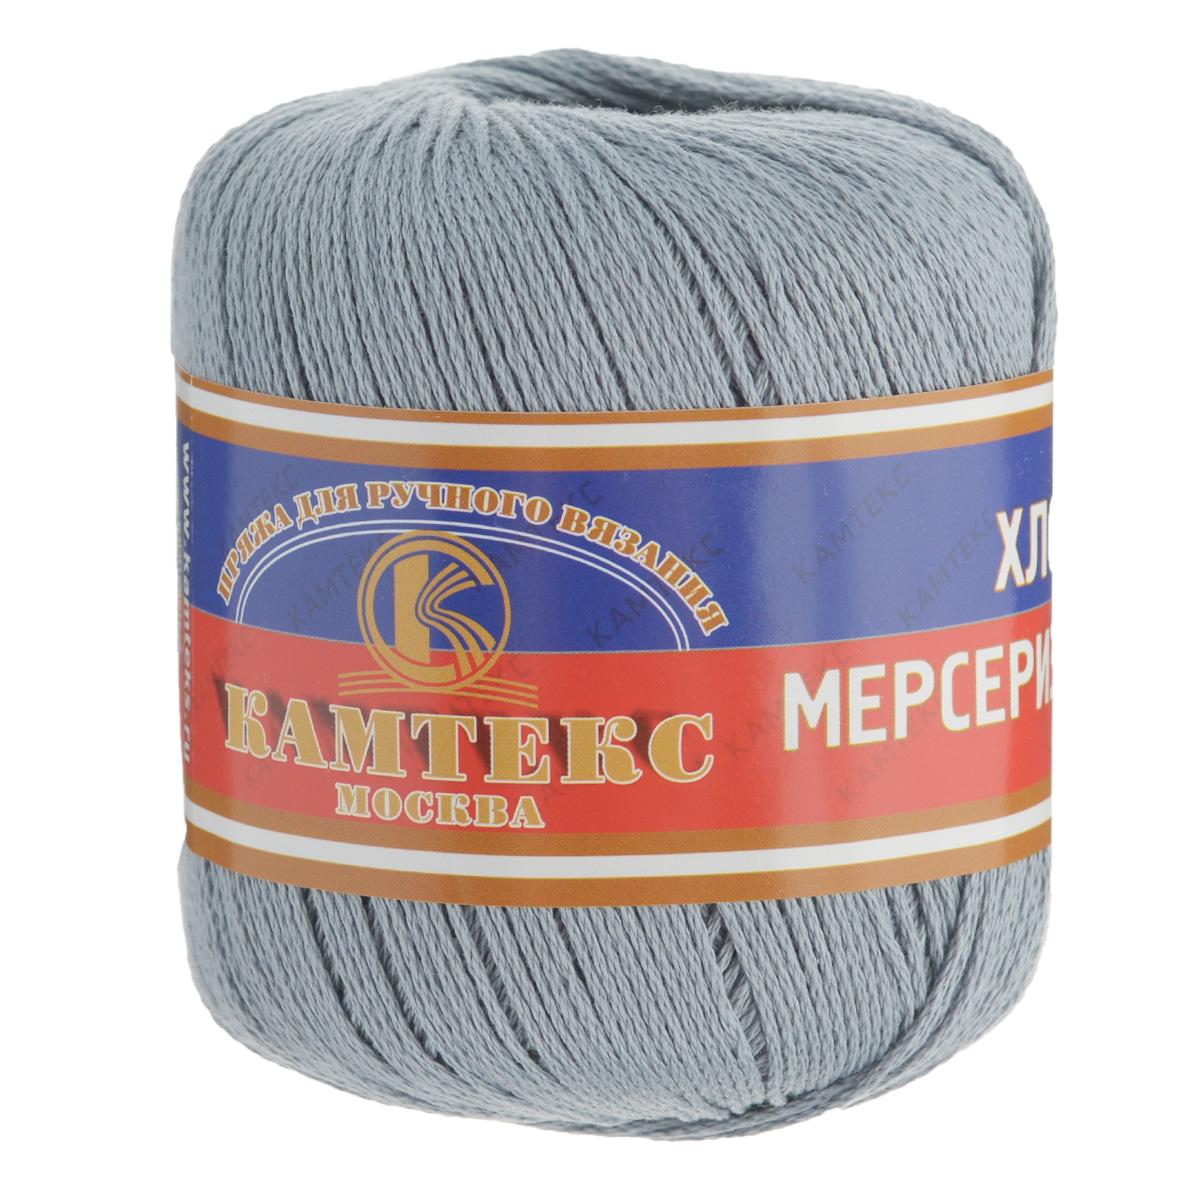 Пряжа для вязания Камтекс Хлопок мерсеризованный, цвет: серый (169), 200 м, 50 г, 10 шт136093_169Пряжа для вязания Камтекс Хлопок мерсеризованный изготовлена из 100% хлопка. Лучшие свойства хлопка: Хлопок мерсеризованный - благодаря тому, что хлопок прошел обработку под названием мерсеризация, пряжа приобретает блеск, ее легко окрасить в яркие устойчивые цвета; - мерсеризованные нити прочнее обычных, а изделия из них меньше мнутся при носке и не садятся при стирке. Такая пряжа предназначена для вязания блузок, футболок, платьев и многого другого. Связанные вещи отличаются стойким цветом, благородным блеском, экологичностью и долговечностью. Элегантность, прочность, комфорт - приятные свойства новых технологий. Подходит для вязания на спицах и крючках 2-4 мм. Состав: 100% хлопок.